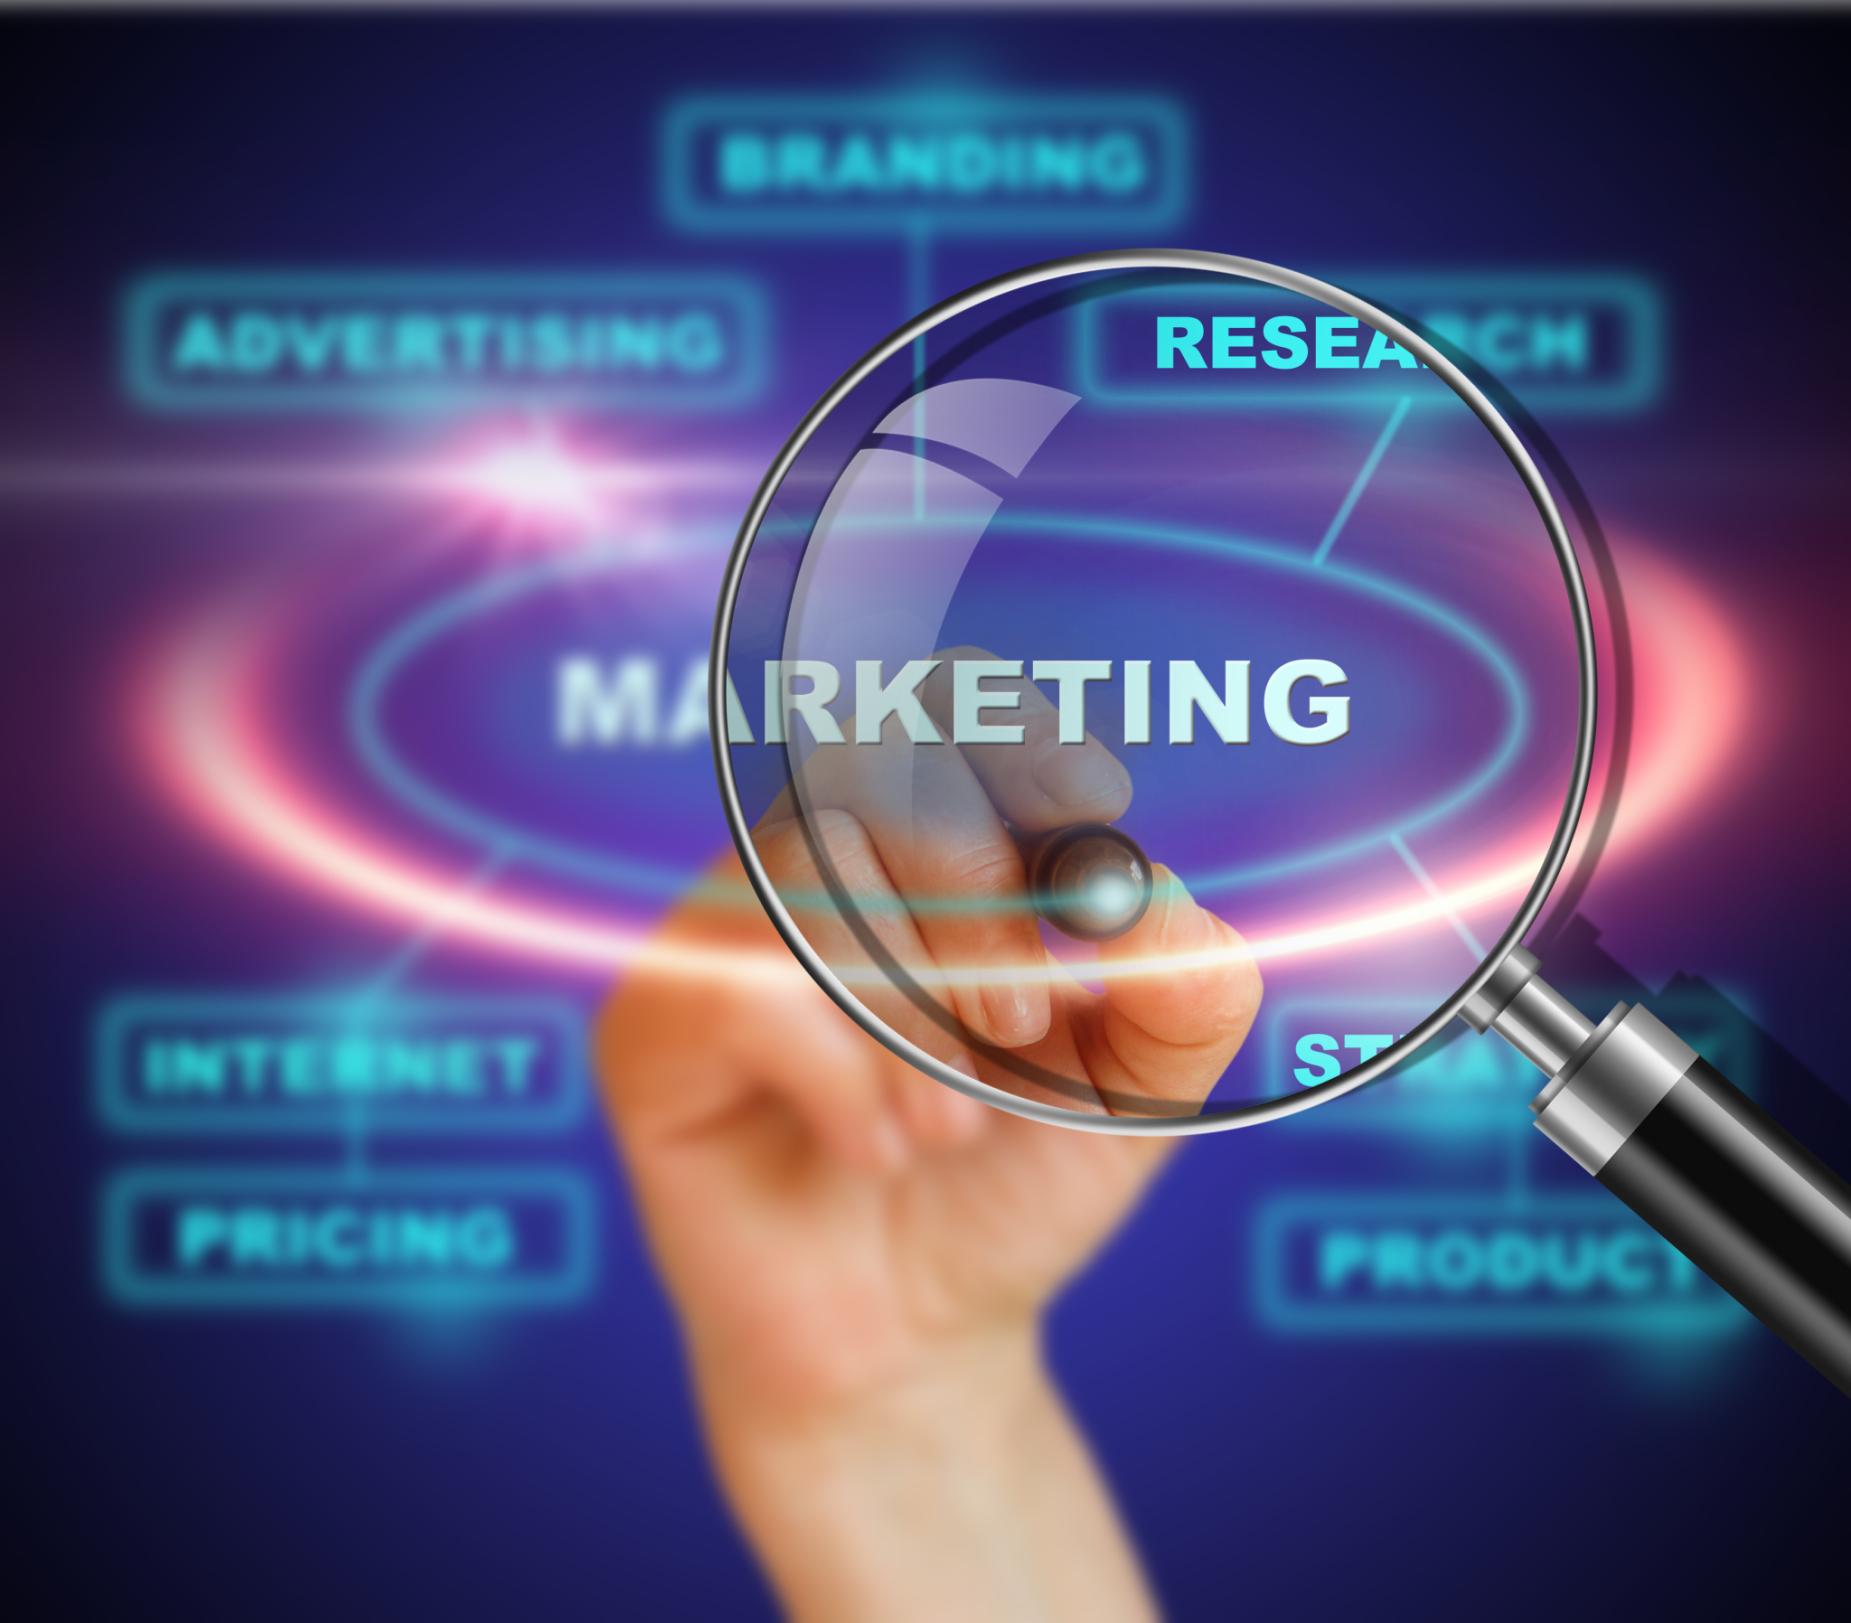 e-Marketing Company in Delhi India